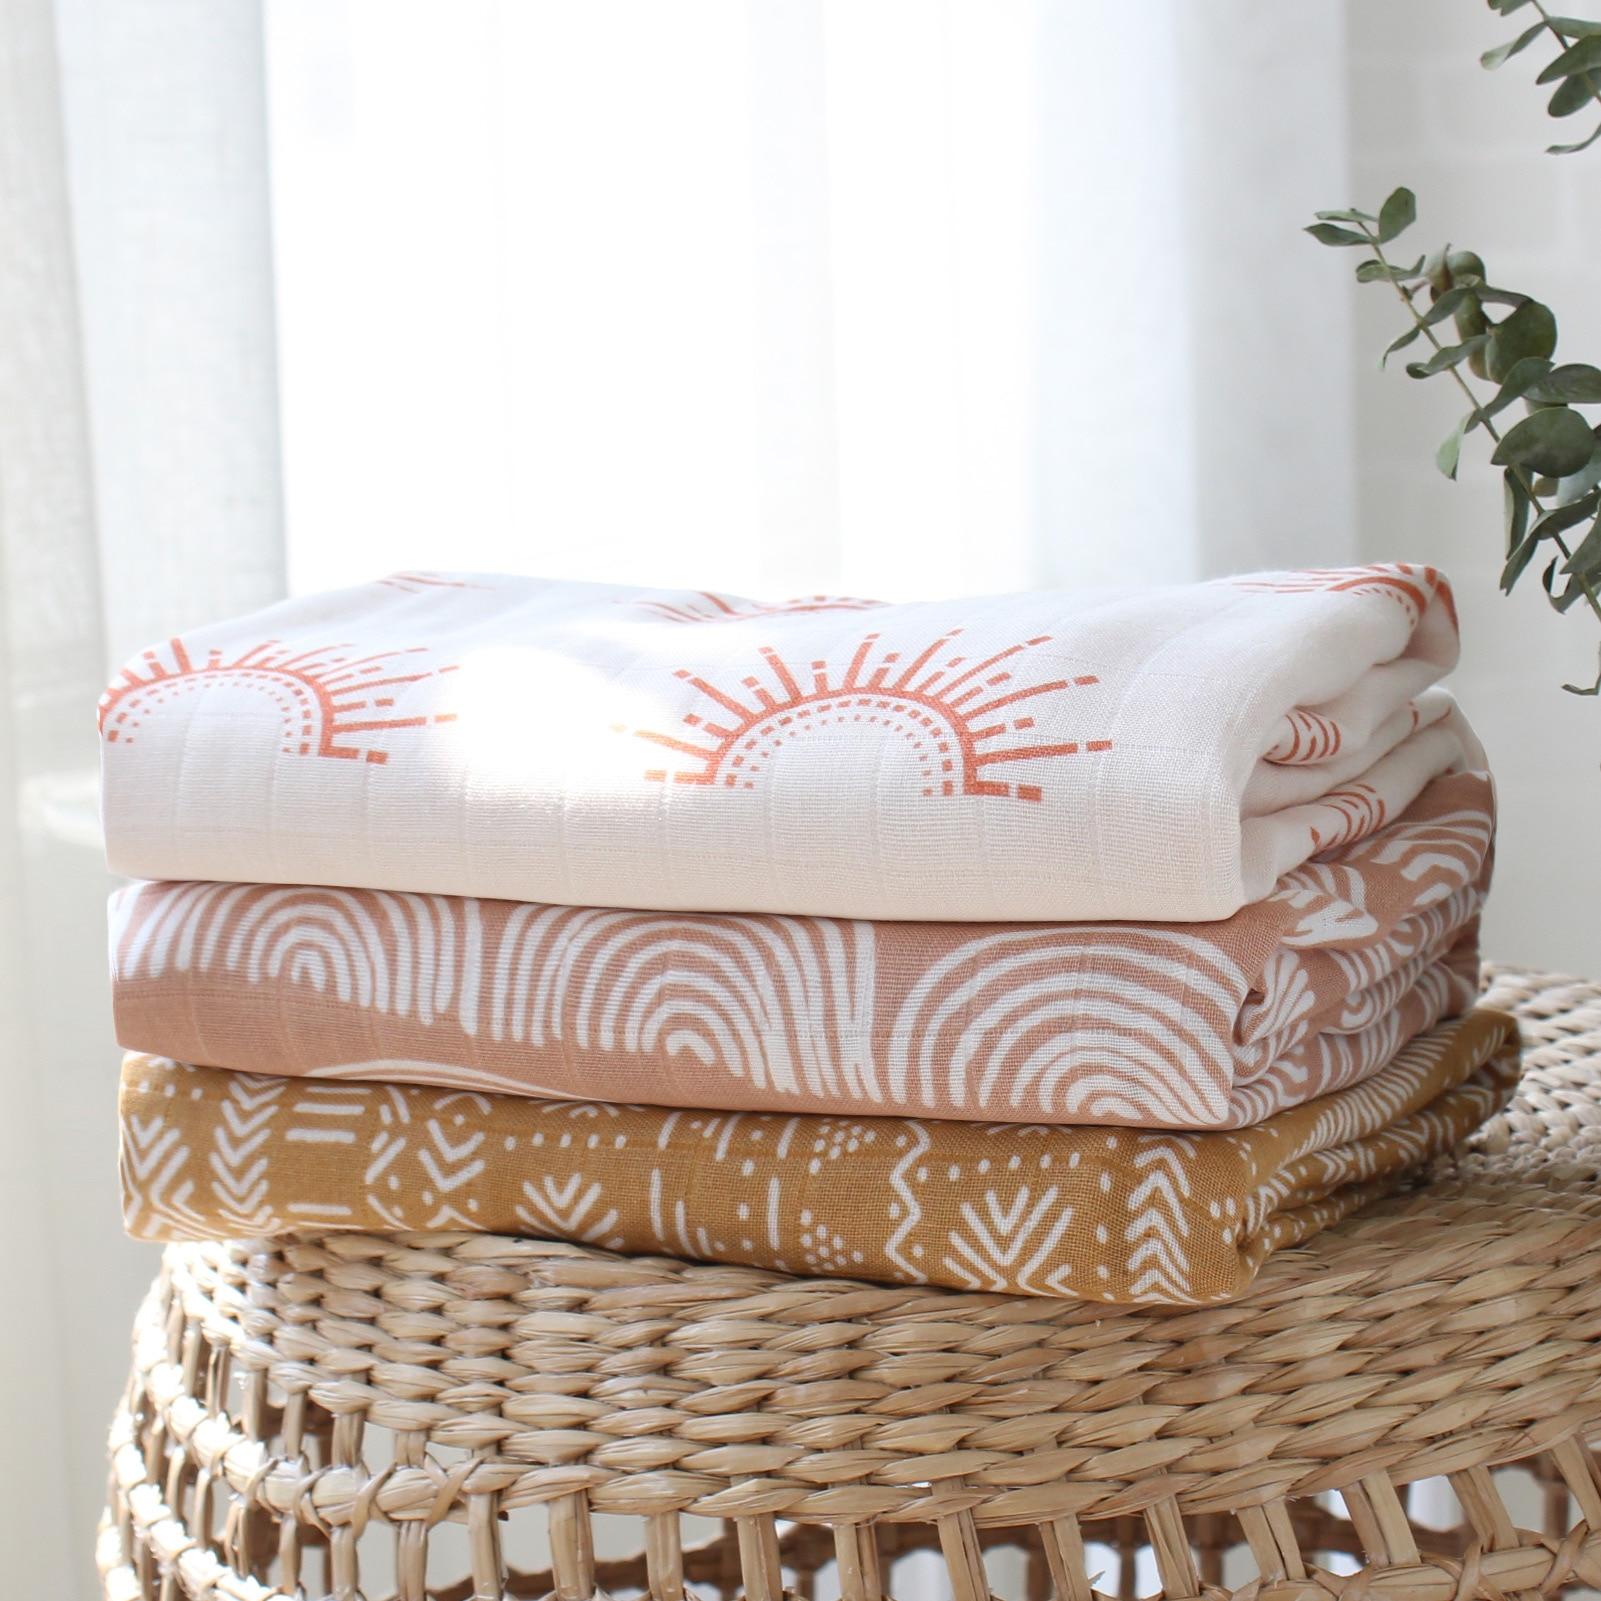 Bambus Baumwolle Weiche Baby Decken Neugeborenen Musselin Swaddle Decke für Neugeborene Mädchen und Jungen Baby Bad Handtuch